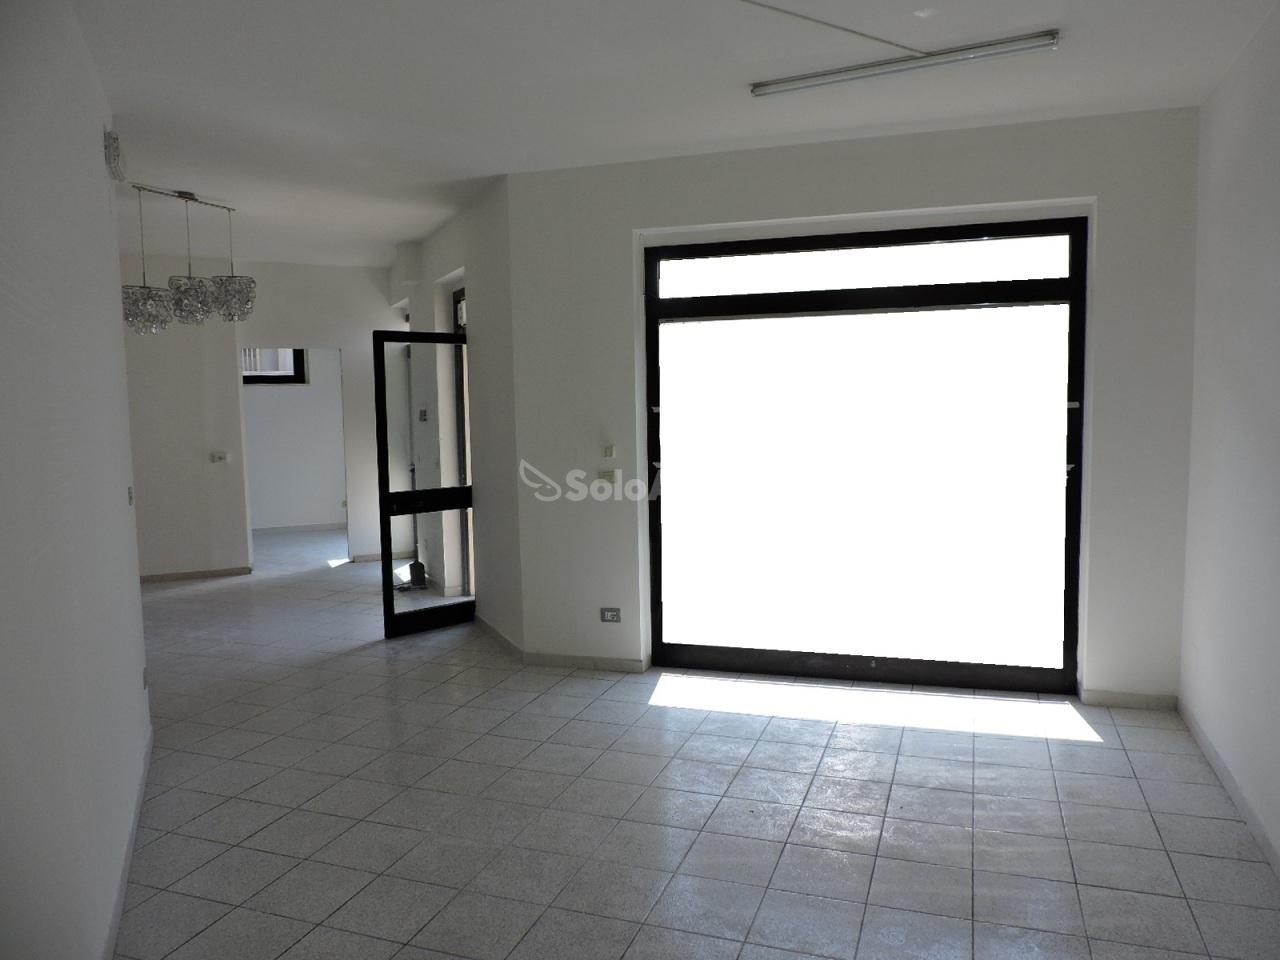 Fondo/negozio - 2 vetrine/luci a Sambuceto, San Giovanni Teatino Rif. 7184209